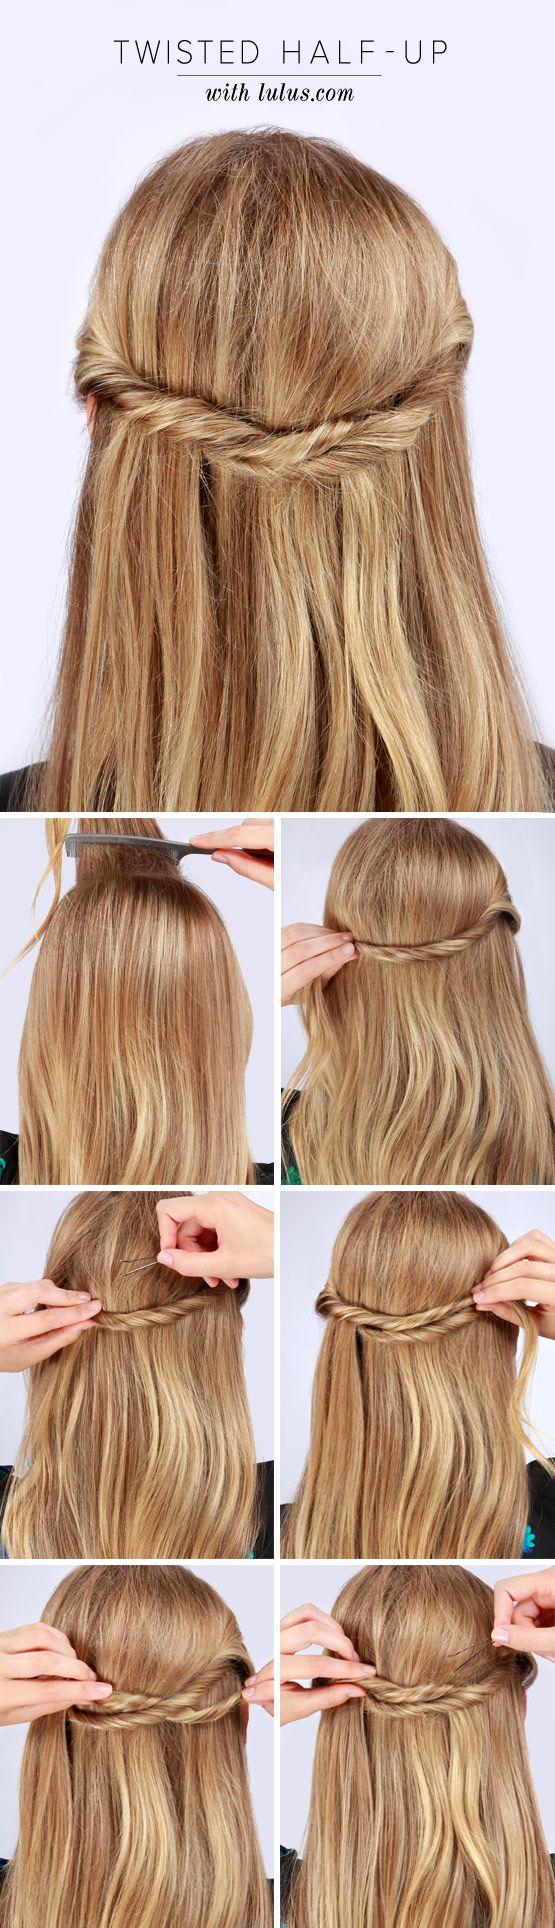 kiểu tóc dành cho tóc bết